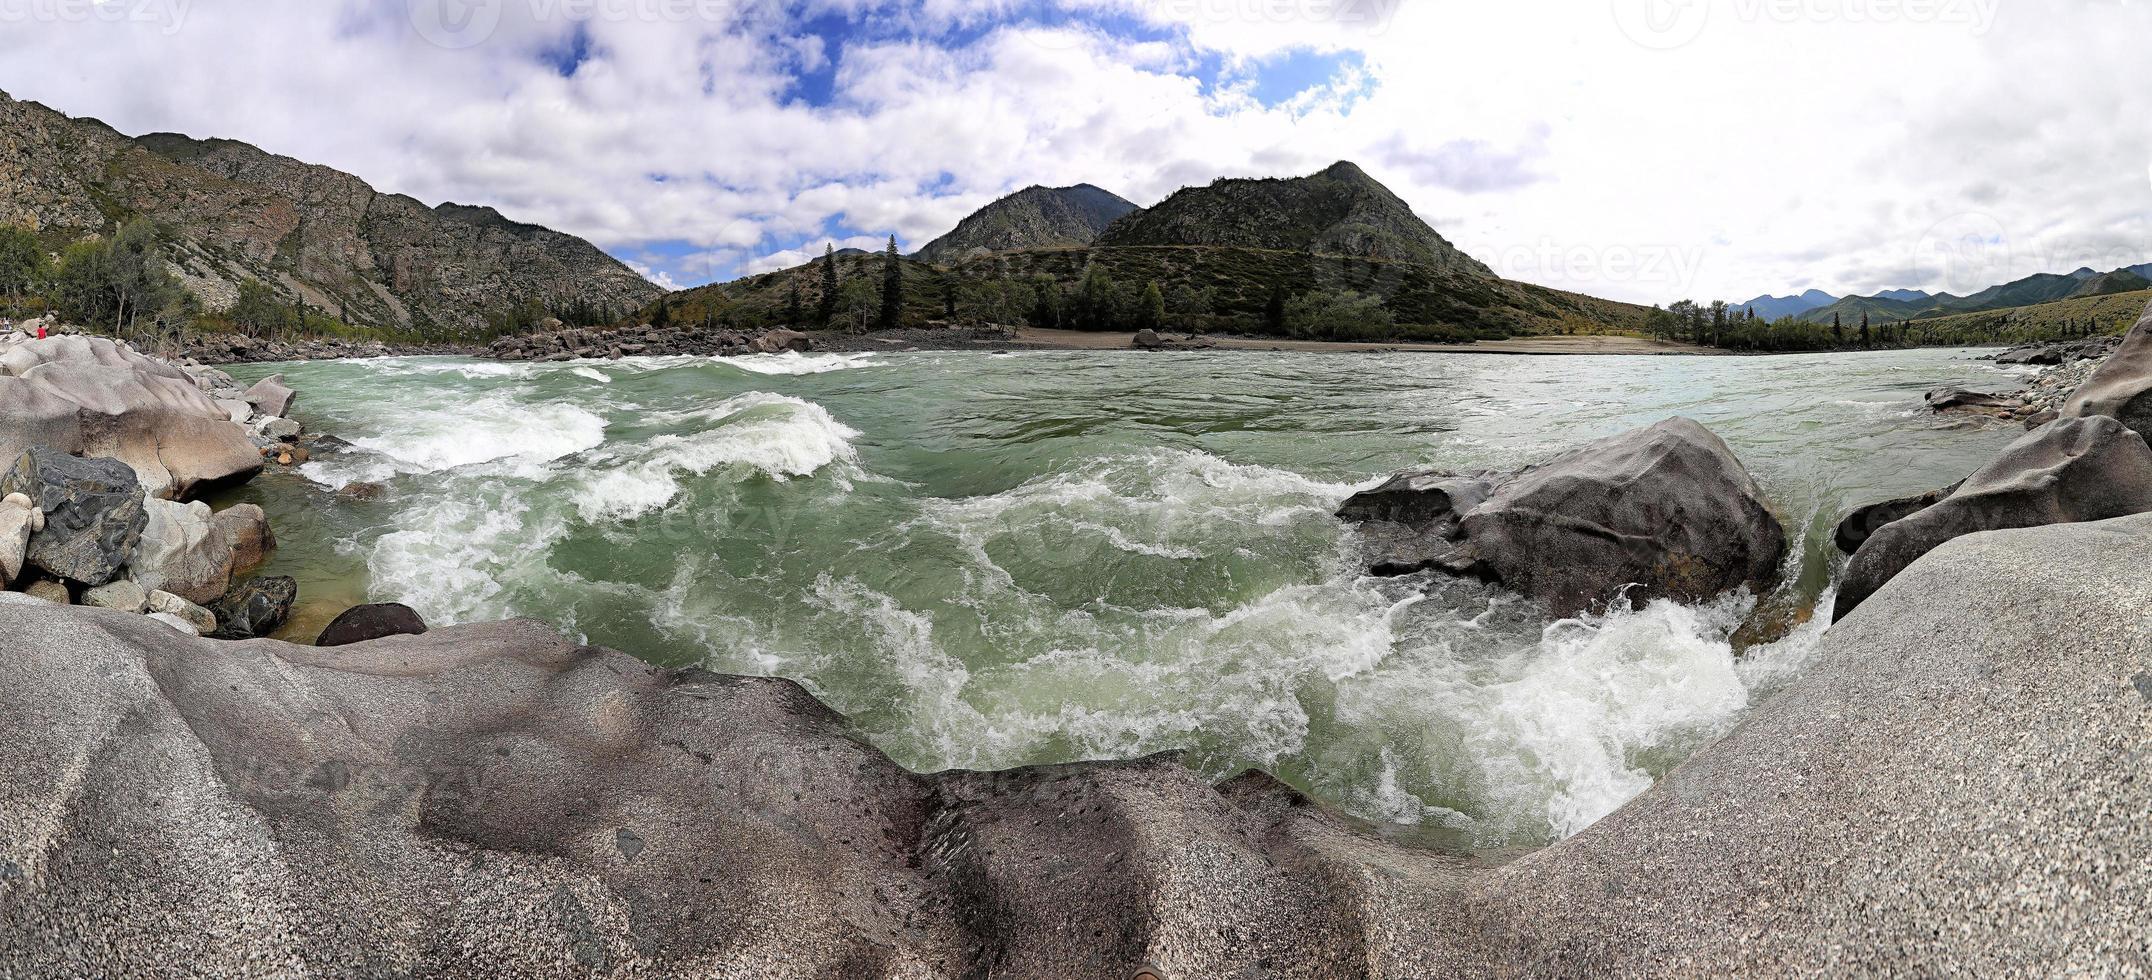 montagna e la bellissima riva di un fiume di montagna. foto